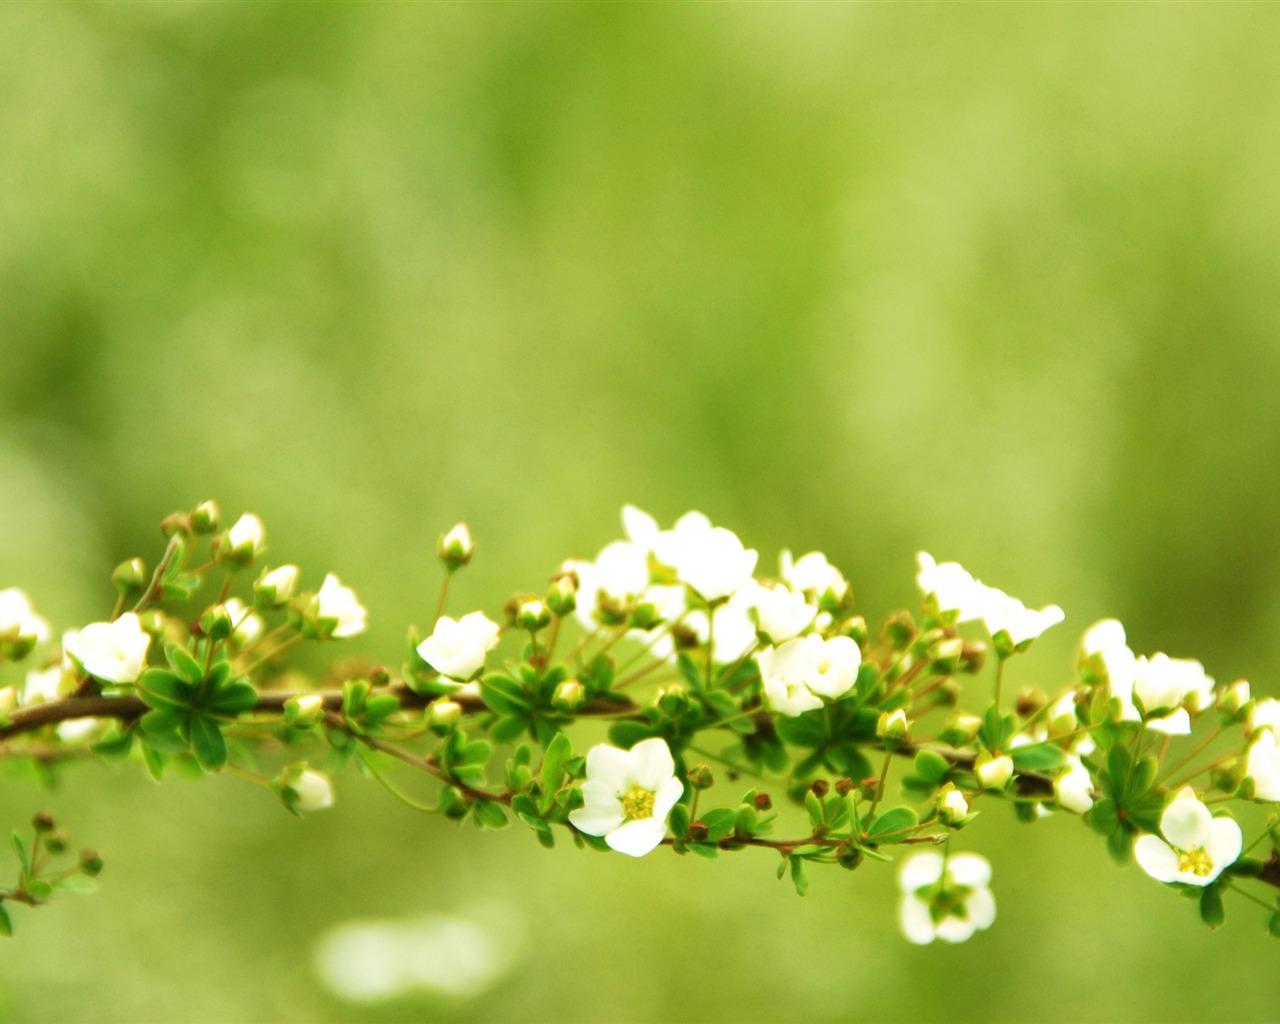 描述: 春天的树枝-季节高清壁纸 当前壁纸尺寸: 1280 x 1024图片